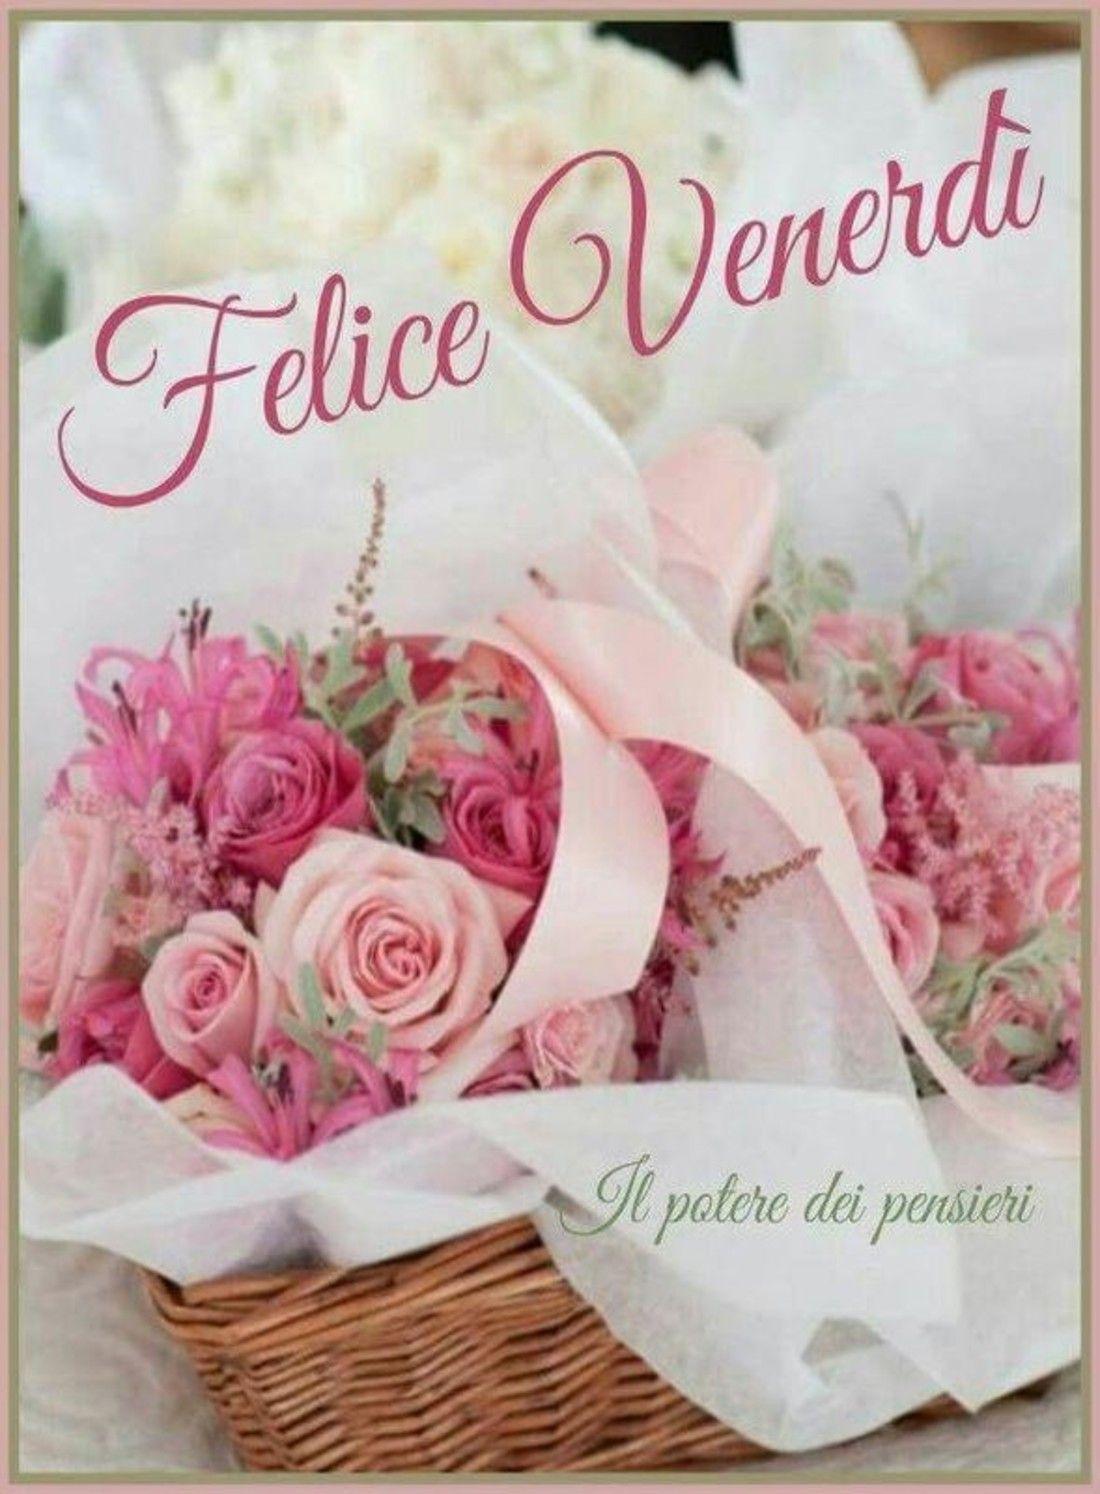 Fiori Con I.Immagini Buon Venerdi Con I Fiori Buongiorno Venerdi Venerdi